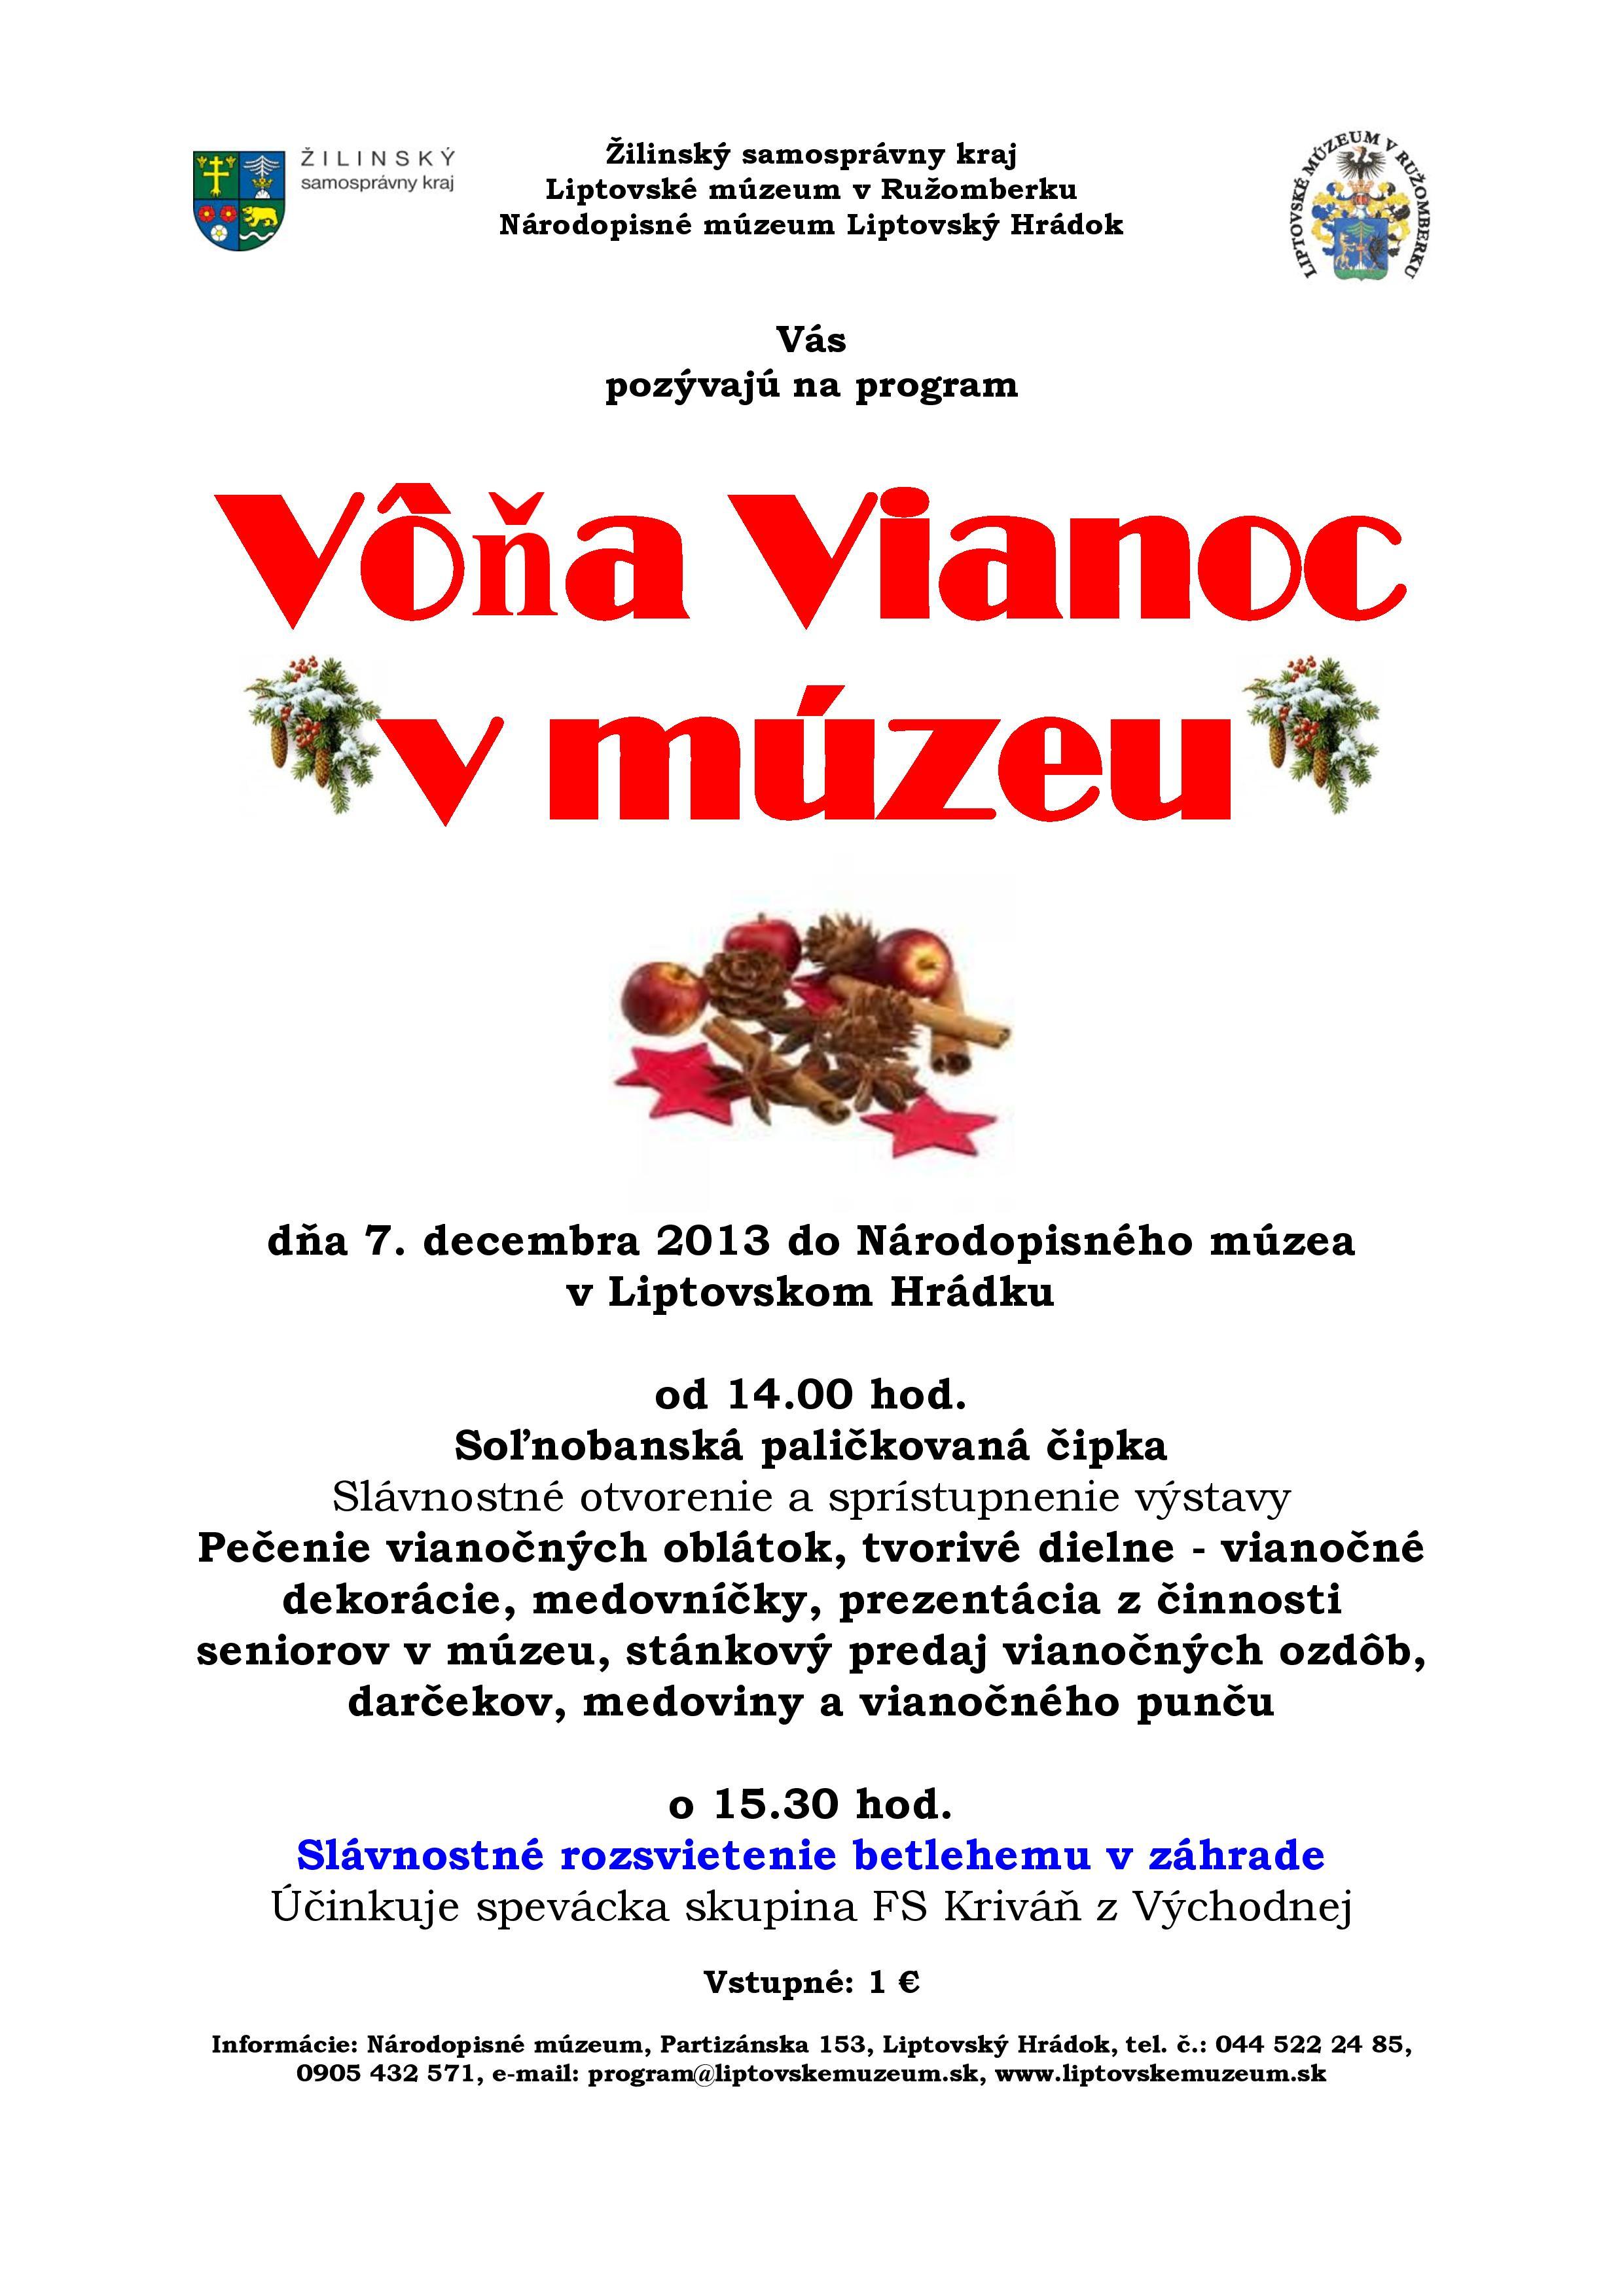 vona-vianoc-v-muzeu-lh-2013-plagat